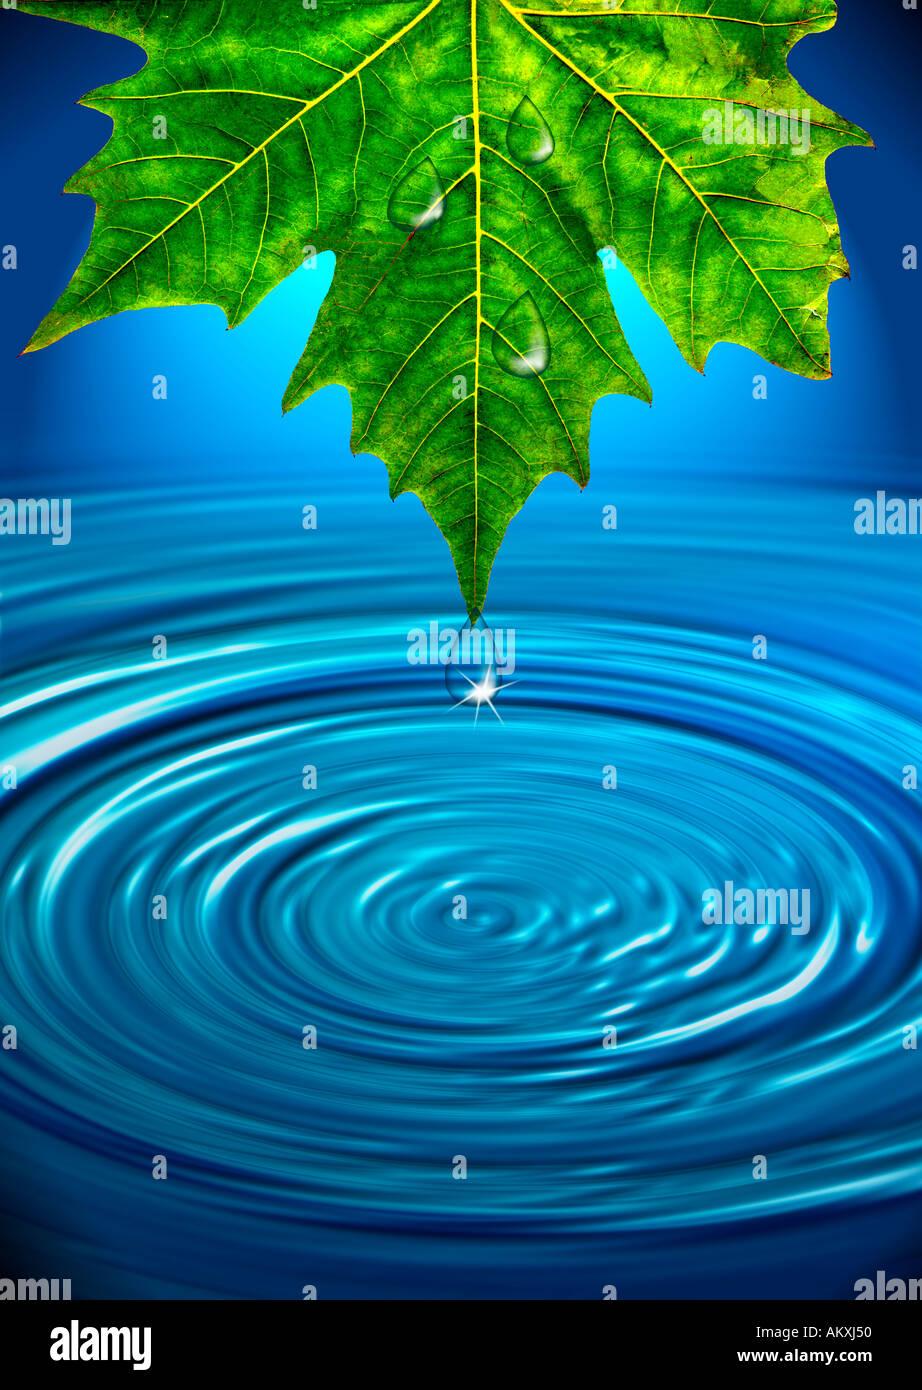 Anta singola gocciolina di acqua acqua di stagno increspature ondeggiano illustrazione della foto concept Immagini Stock